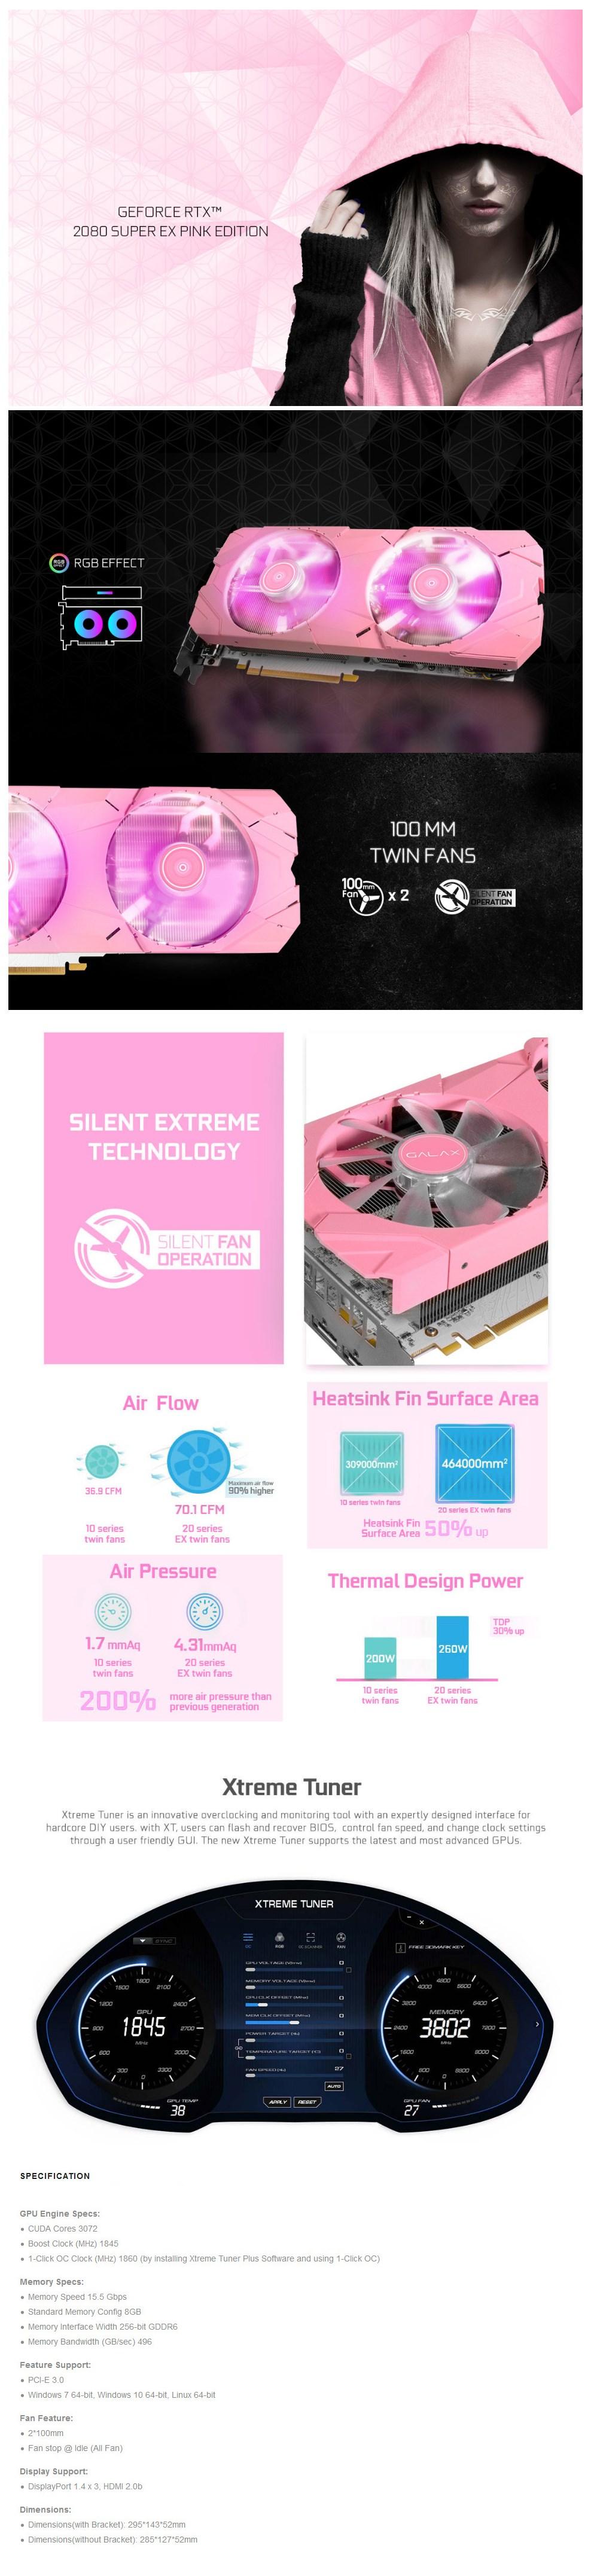 galax-geforce-rtx-2080-super-ex-1click-oc-8gb-video-card-pink-edition-ac34396-6.jpg